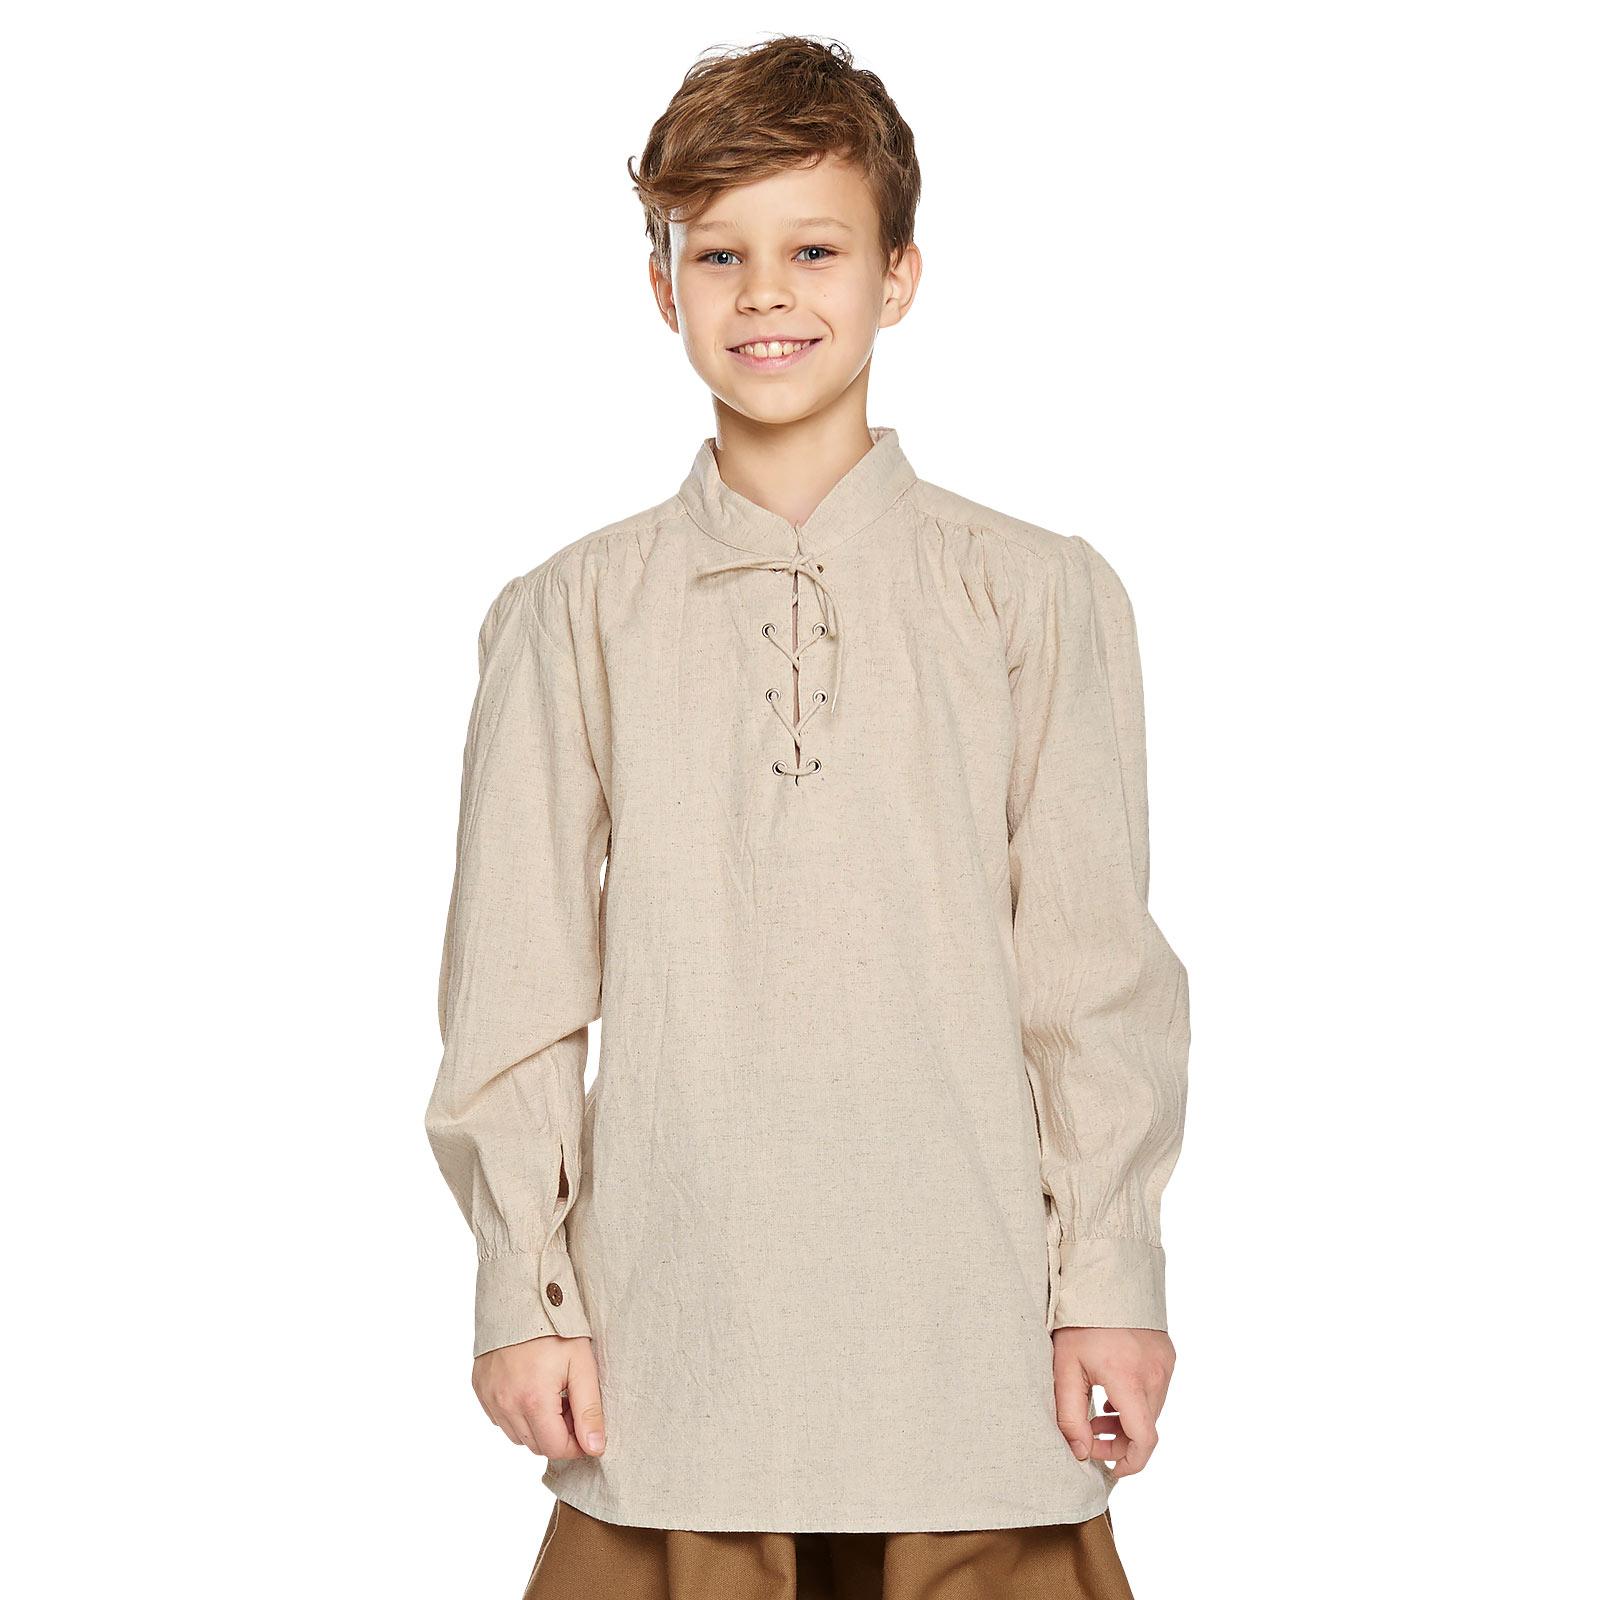 Mittelalter Hemd für Kinder natur